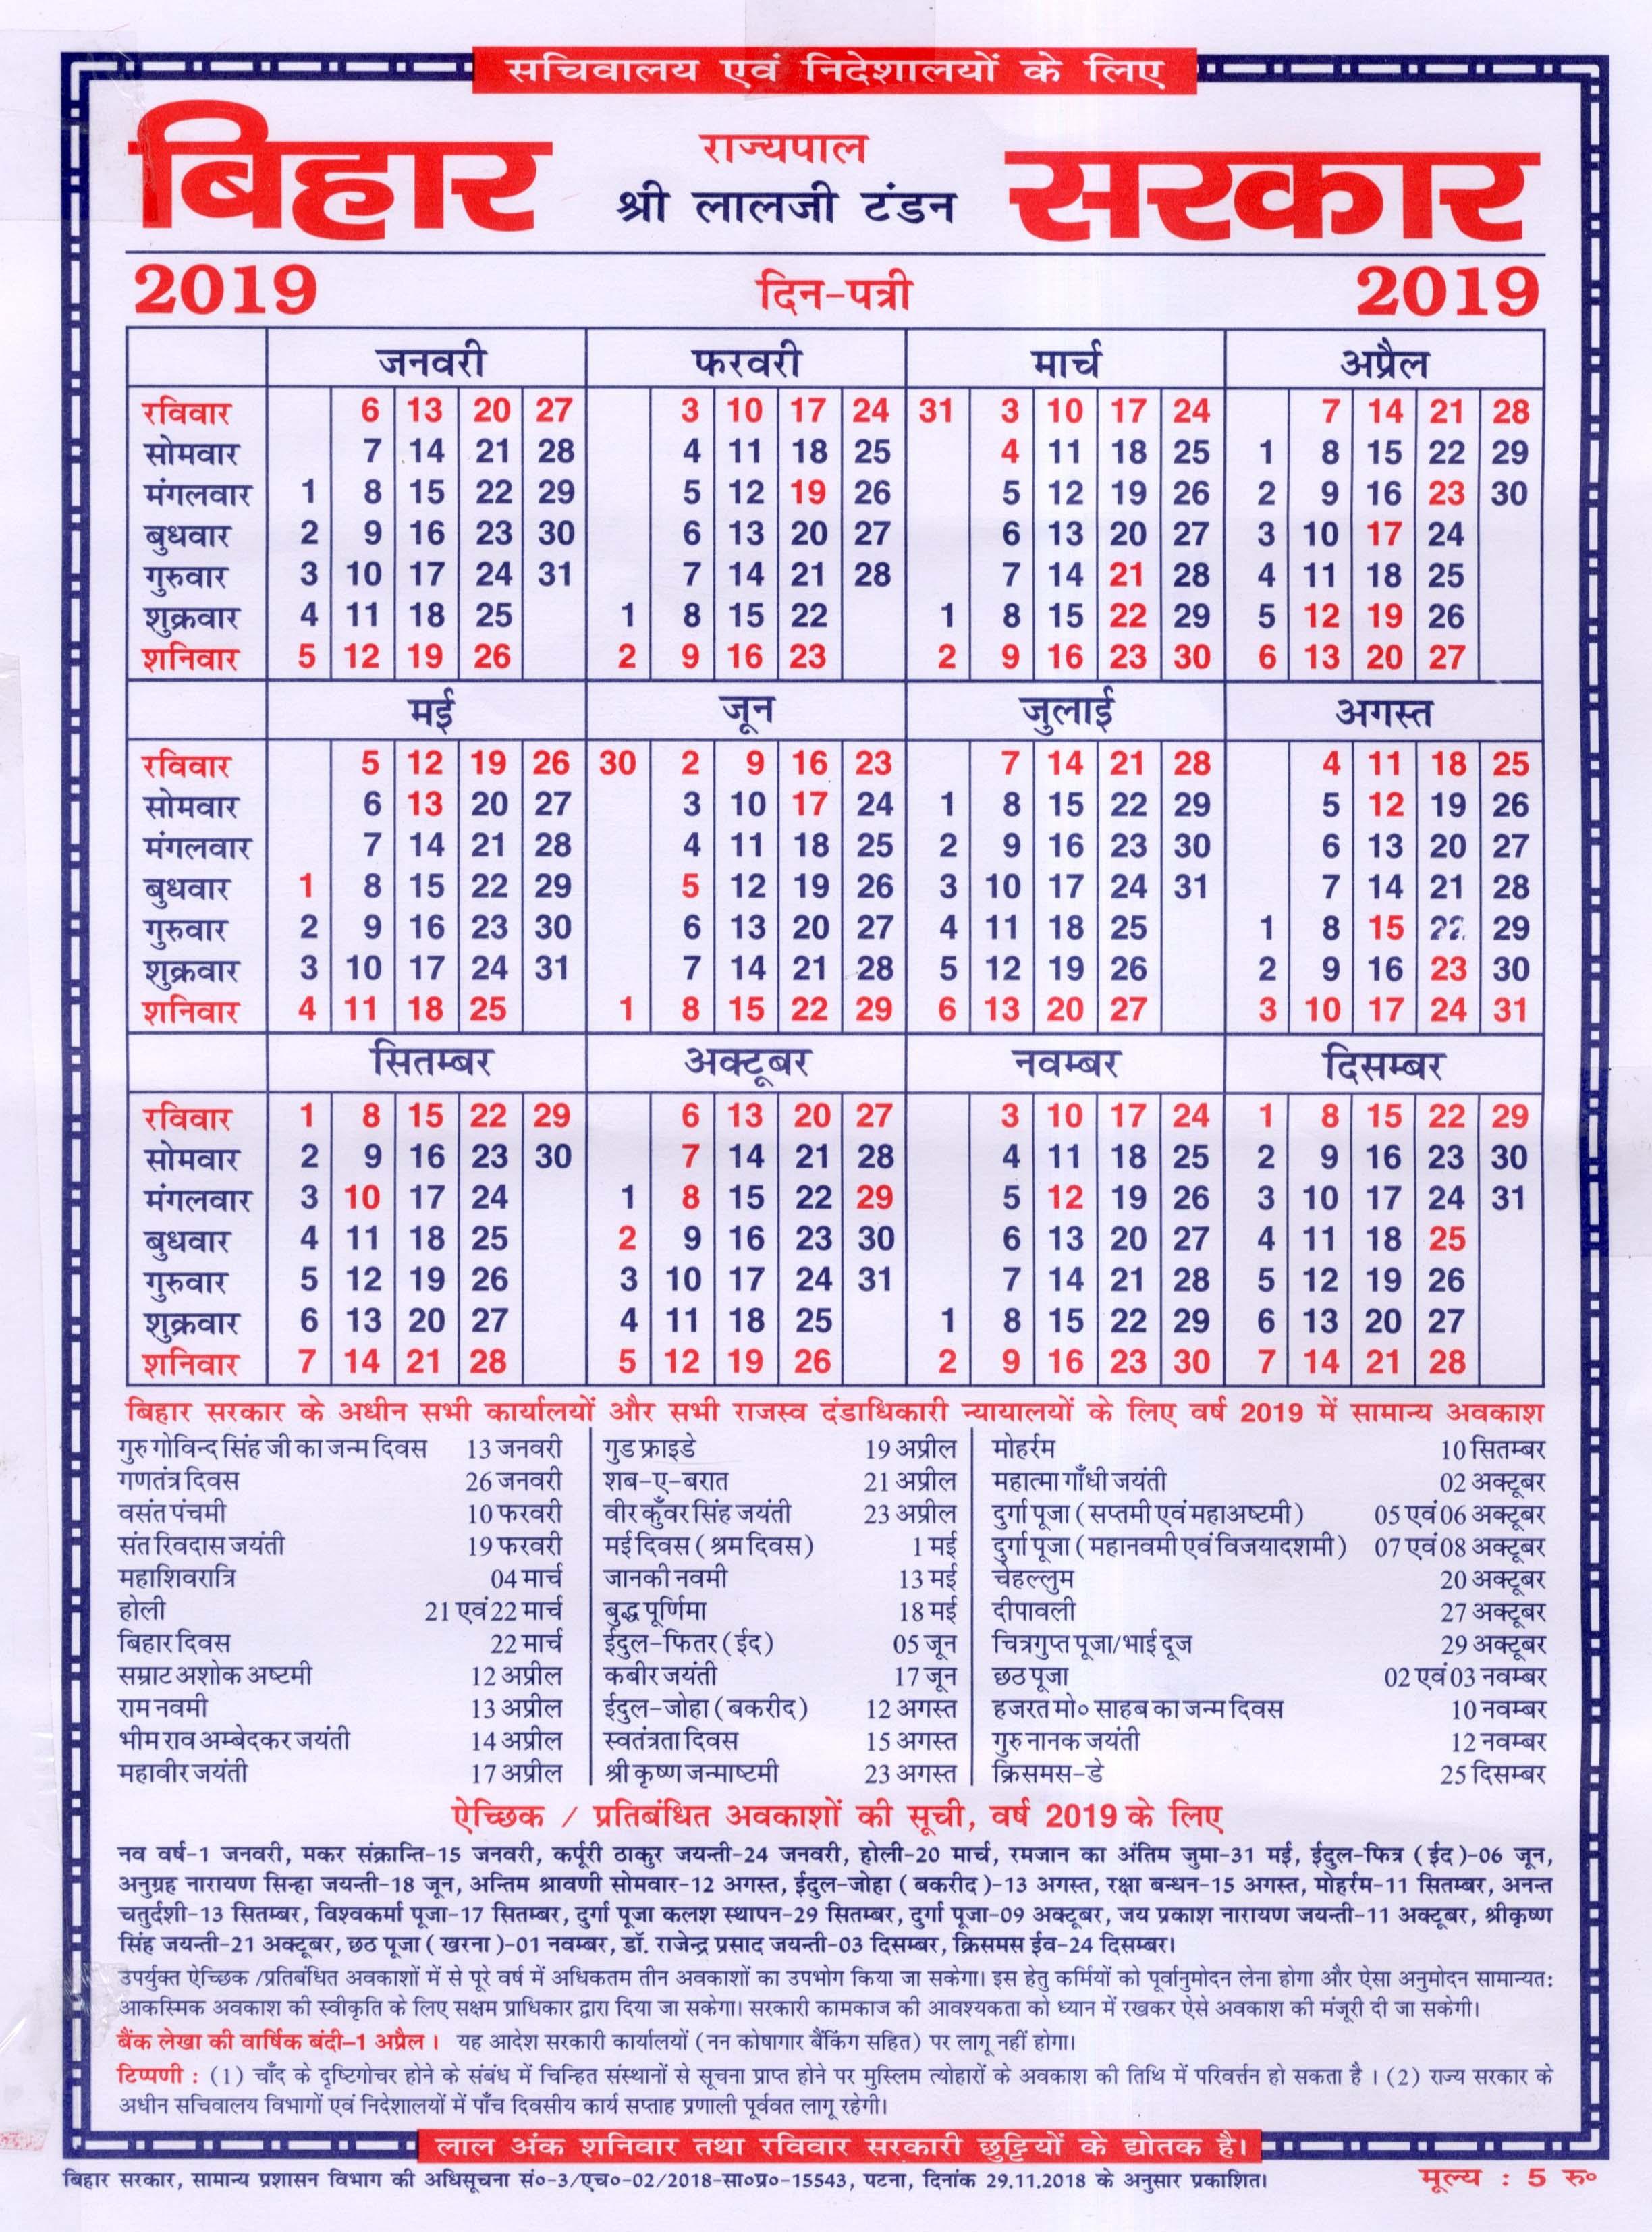 Bihar State Sunni Wakf Board :: Calender intended for Bihar Sarkar Calendra